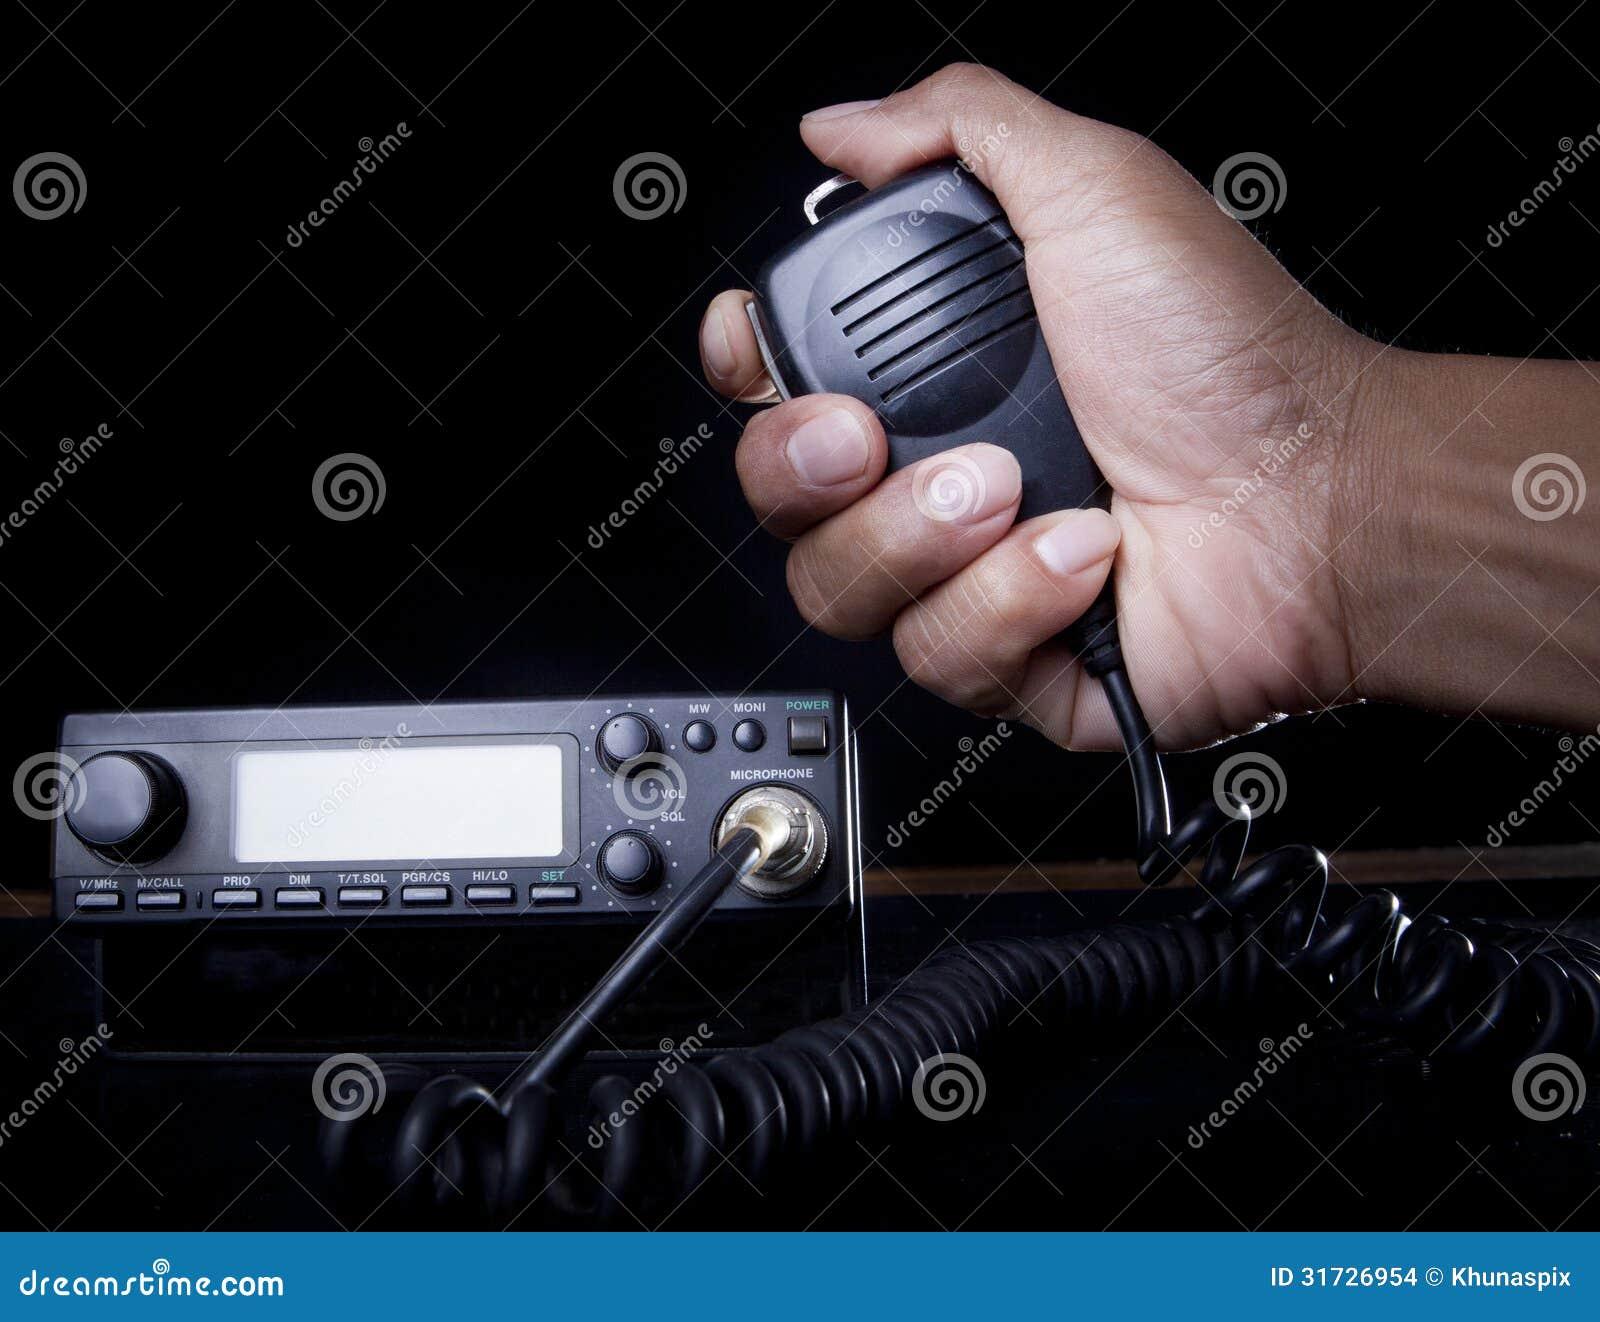 Mão do orador e da imprensa guardarando de rádio amadores